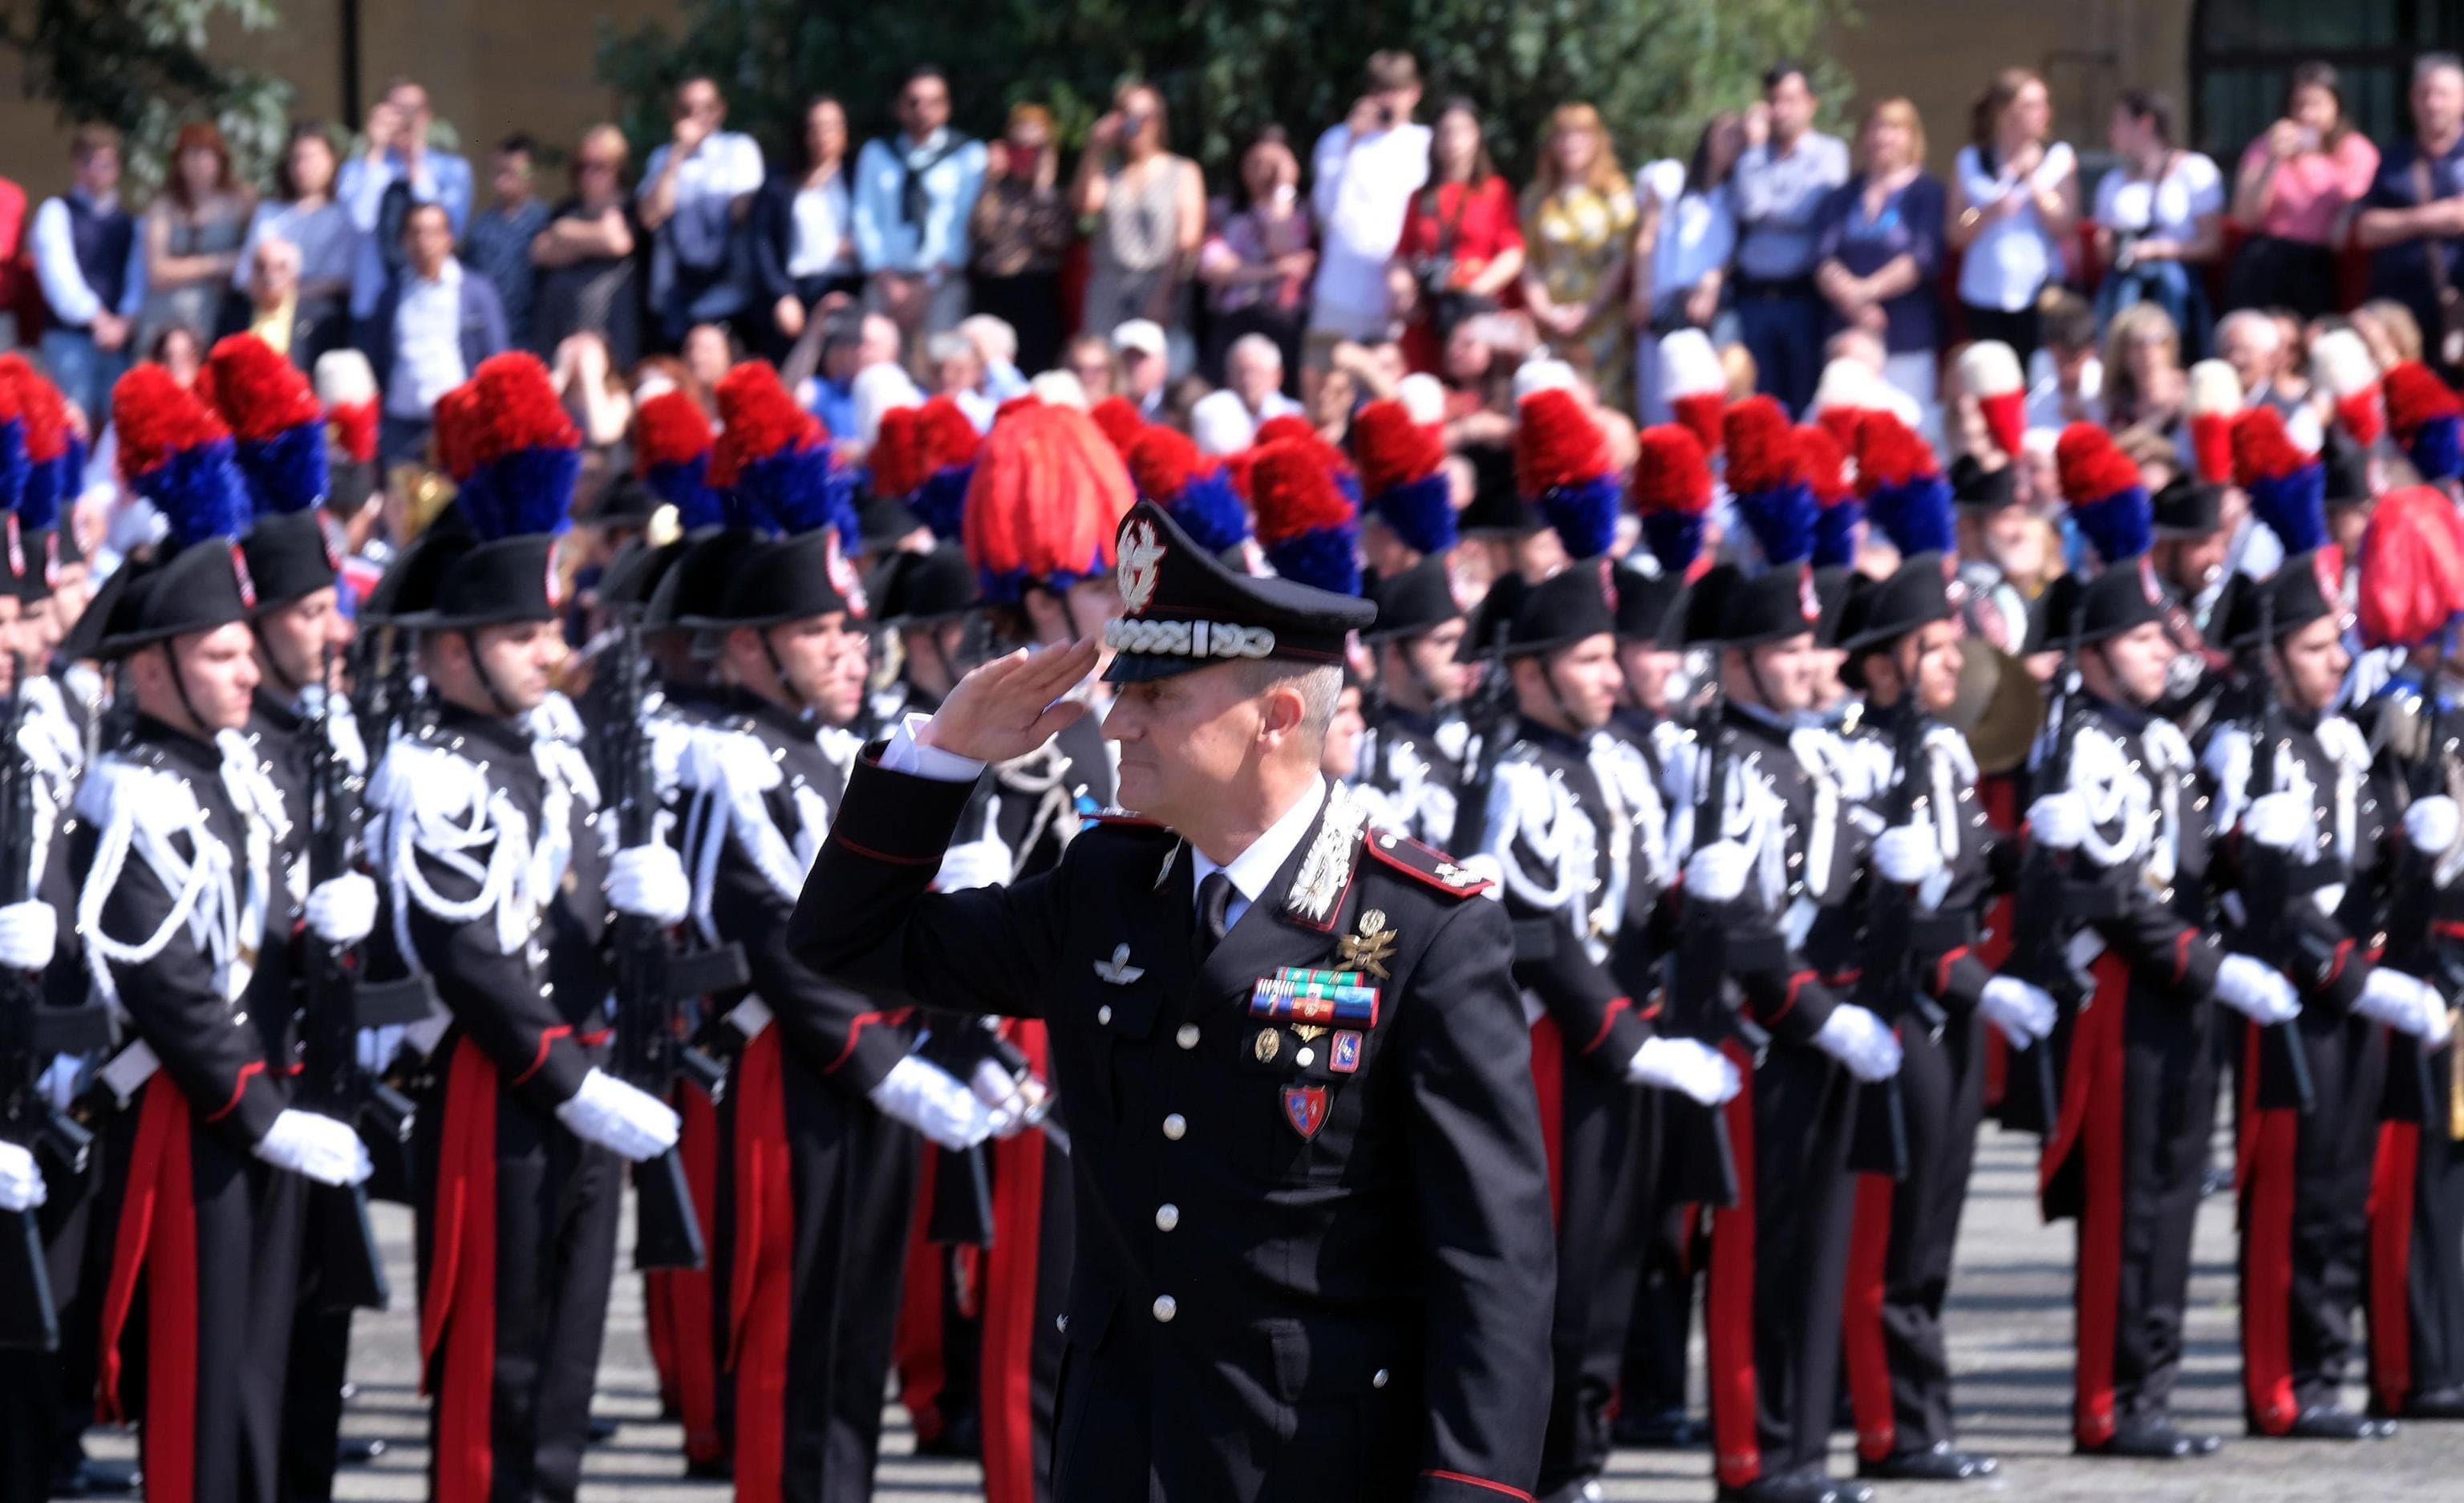 giuramento carabinieri ansa-2